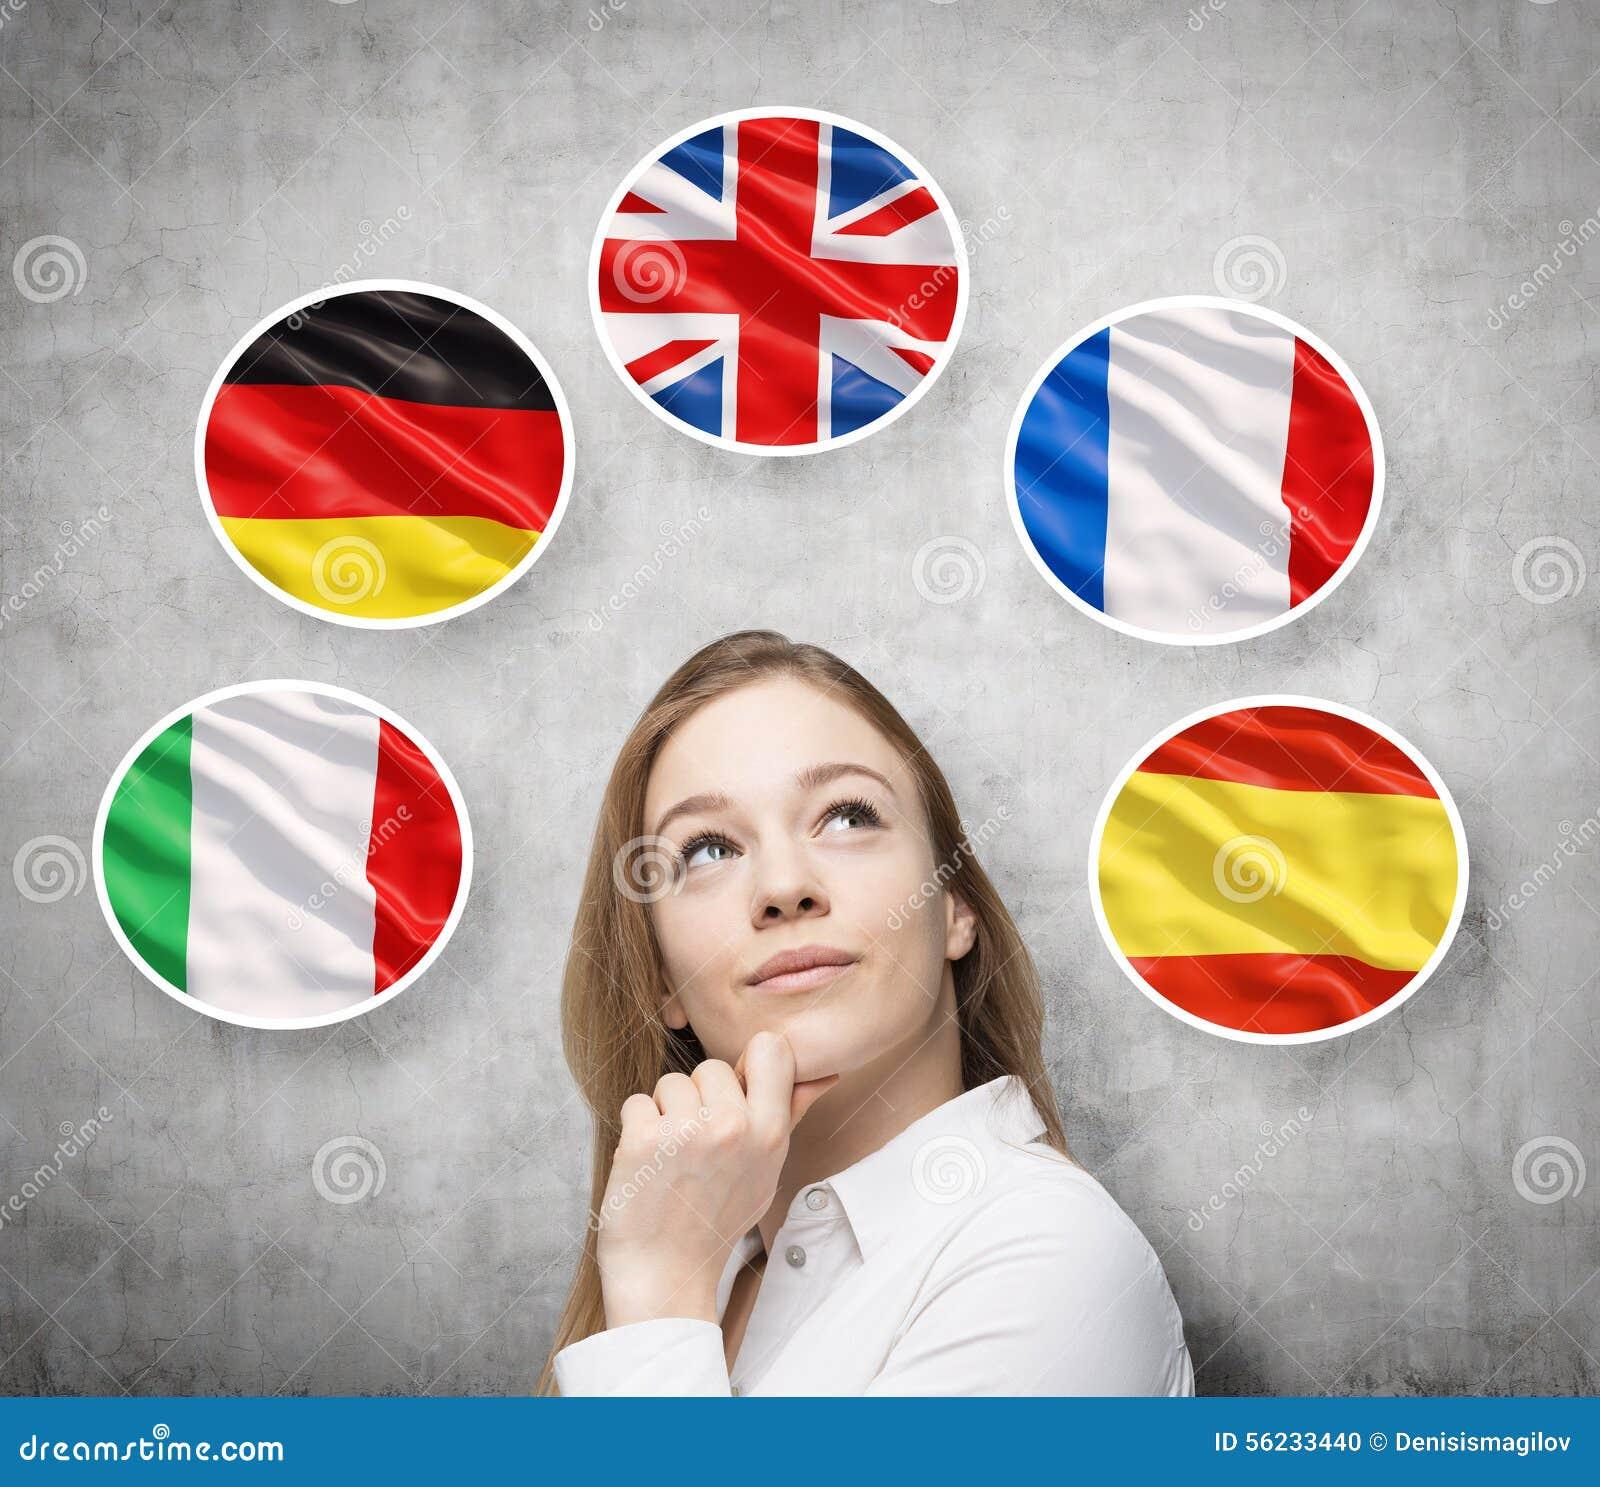 Piękna dama otacza bąblami z kraj europejski flaga włoszczyzna, niemiec (, Wielki Brytania francuz, hiszpańszczyzny,)